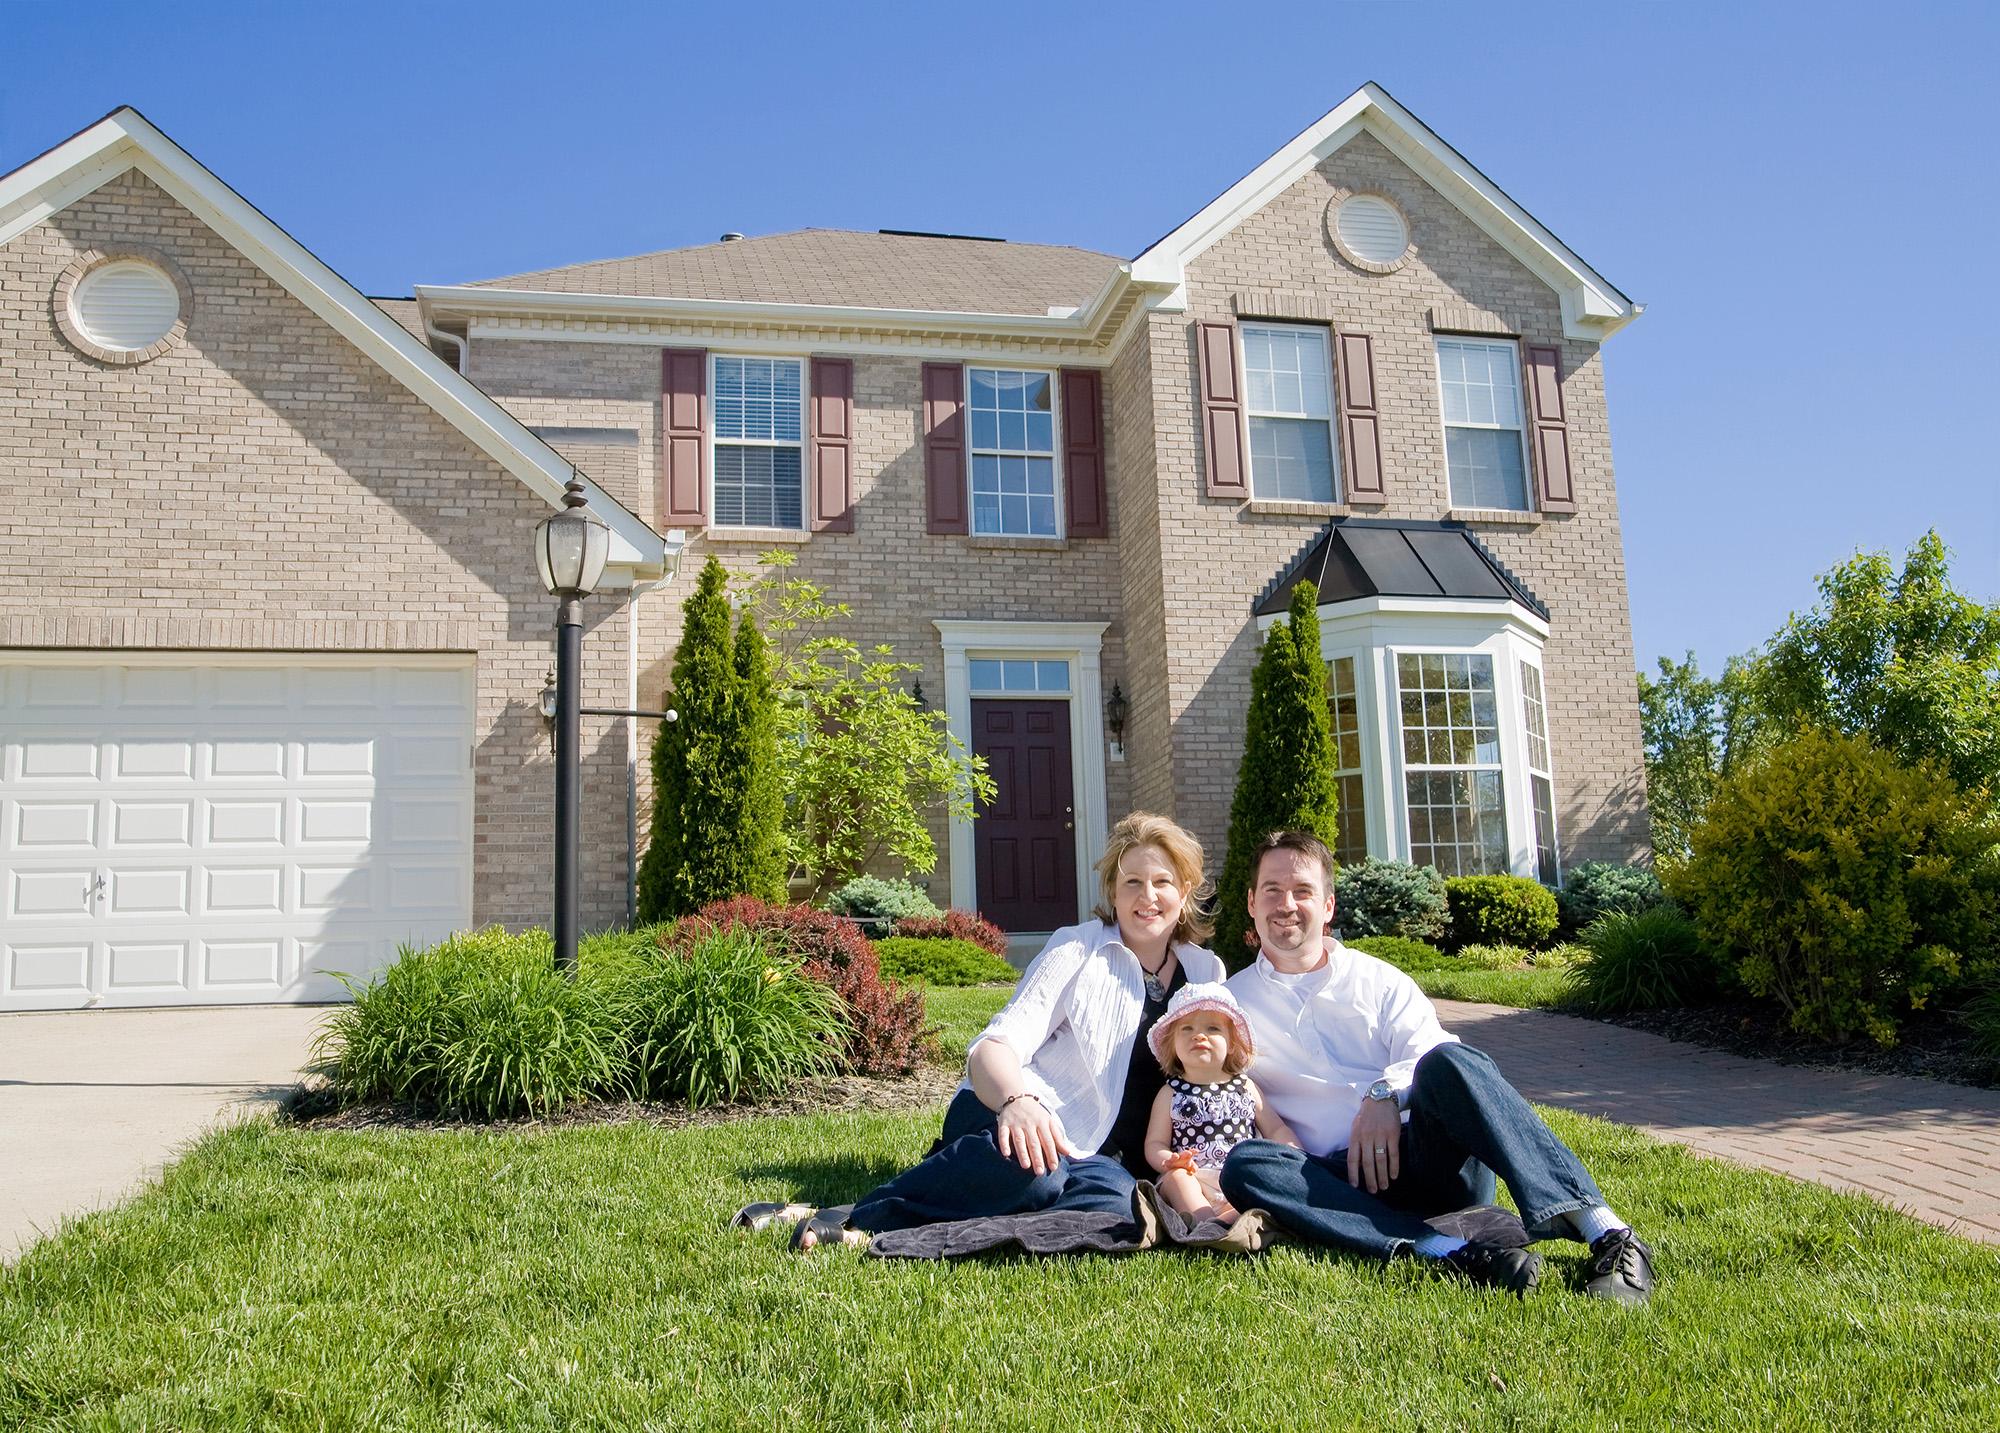 картинки семьи на фоне частного дома или бумагокручение